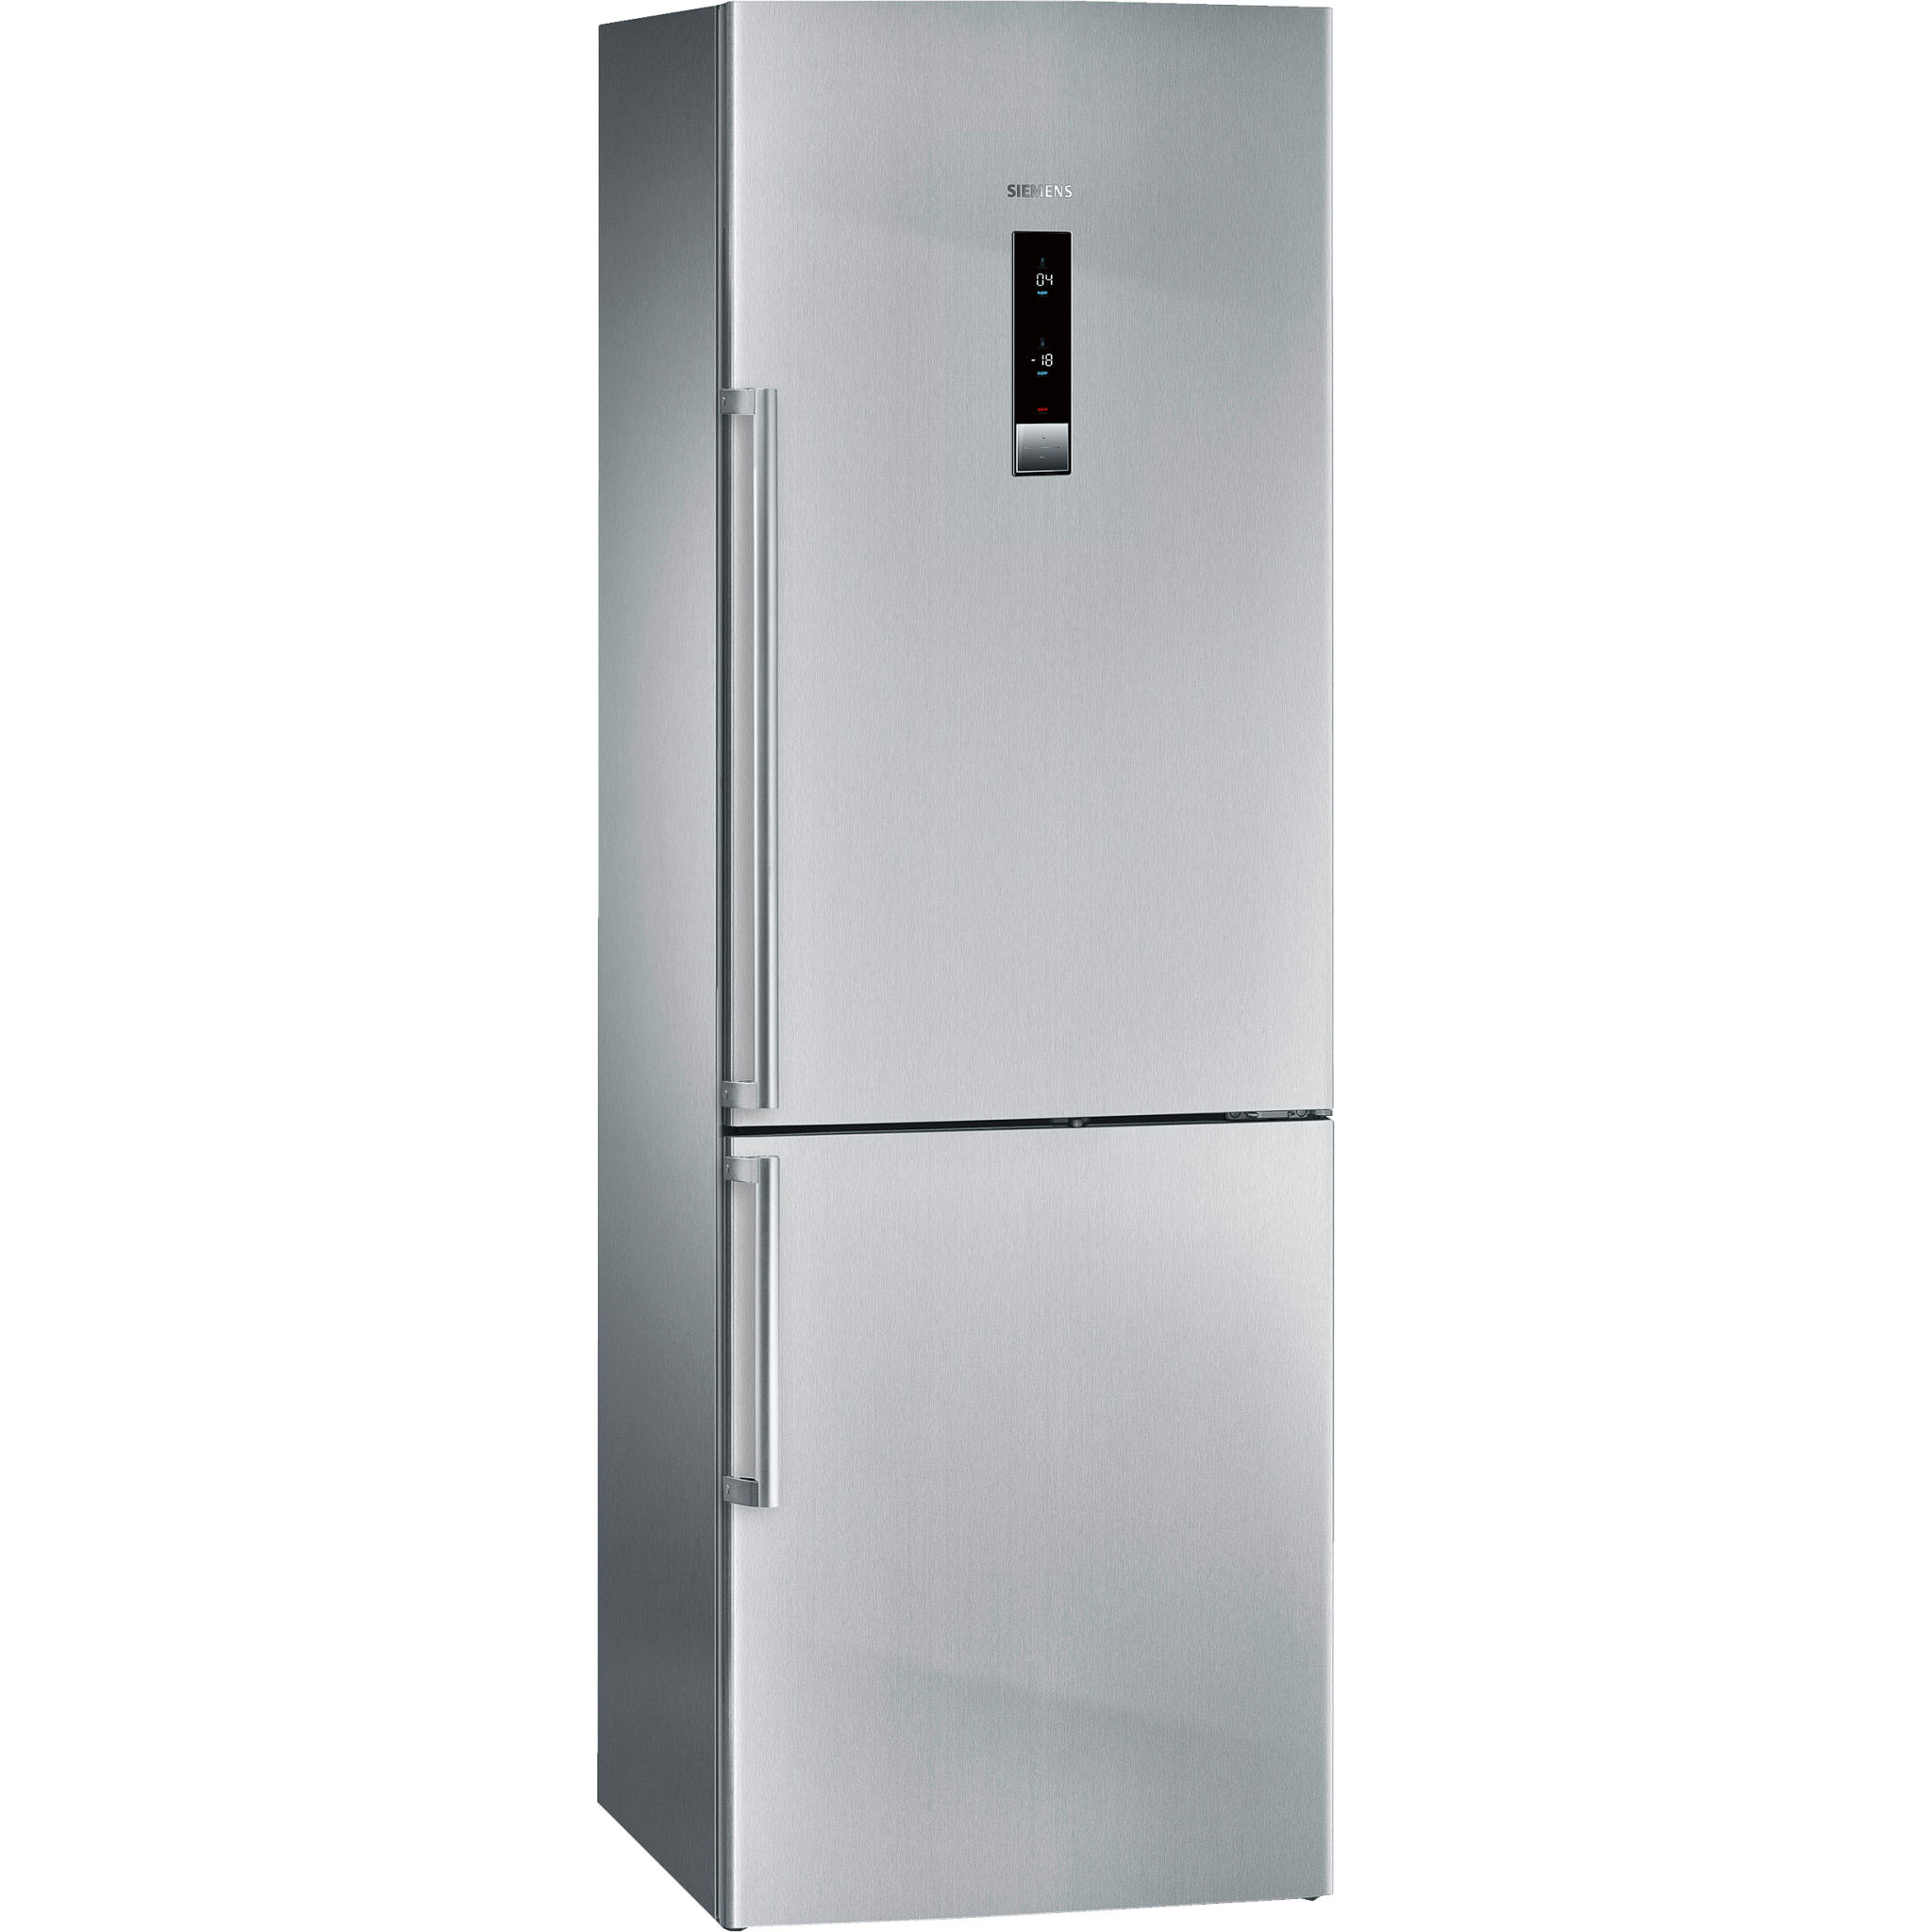 siemens-iq500-kg36nai32-nofrost-fridge-freezer